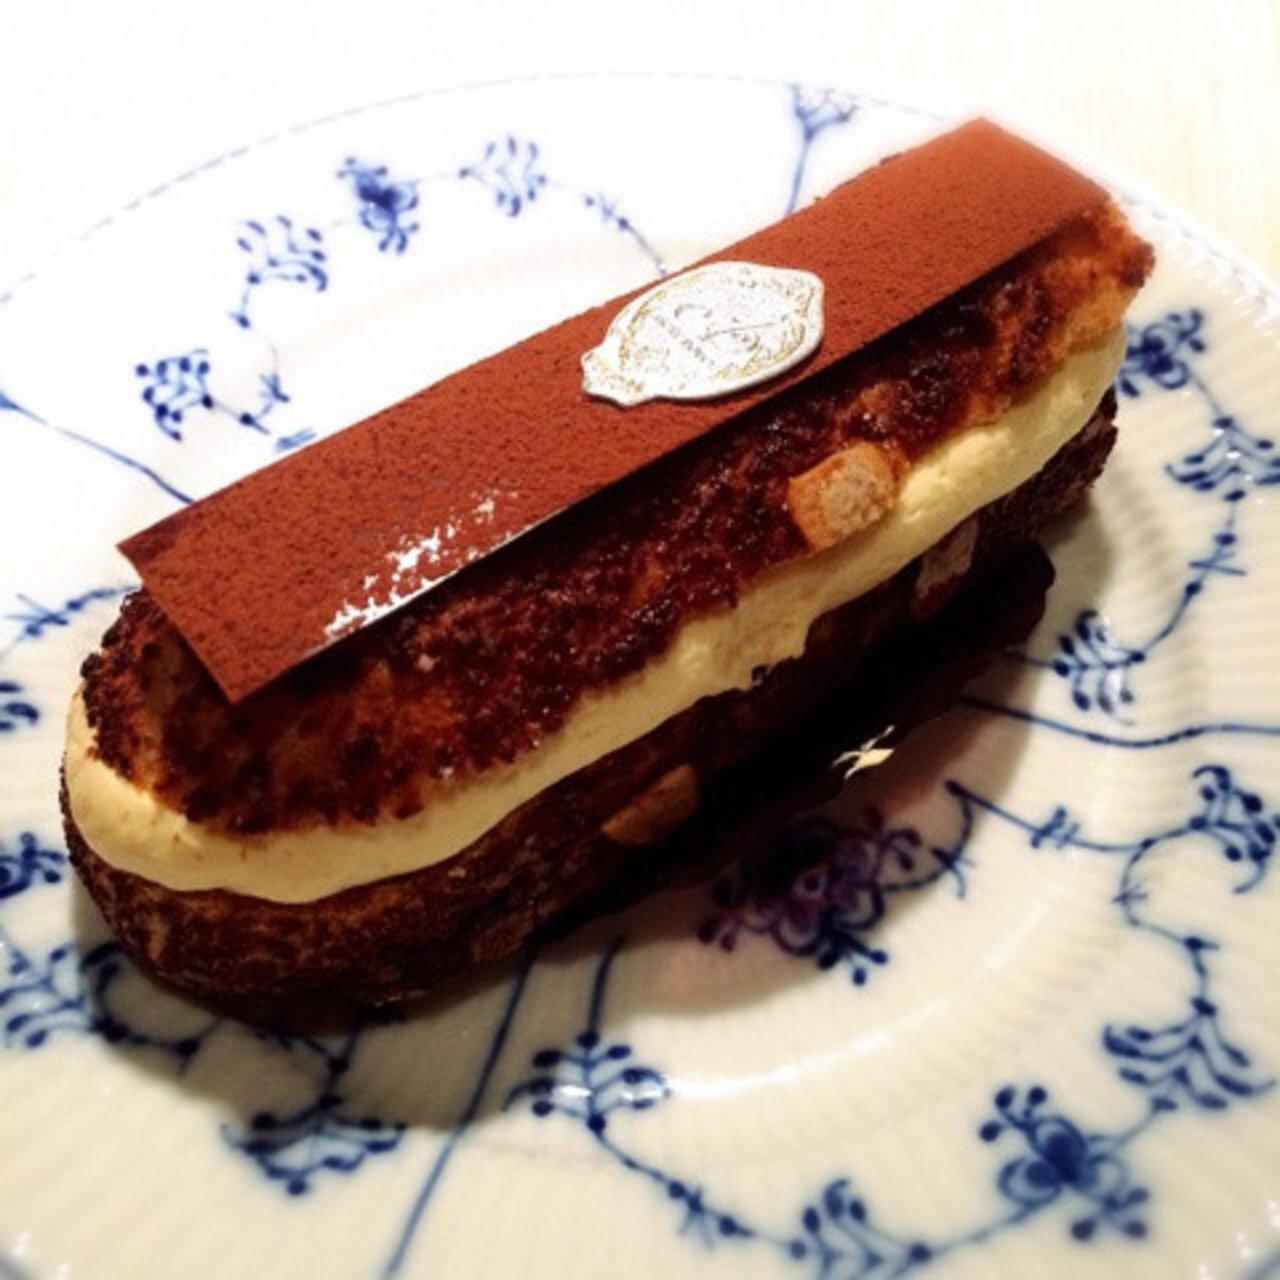 ドゥース エーグル 手土産に人気のエーグルドゥースの焼き菓子!ケークはスタイリッシュな宝石箱♡